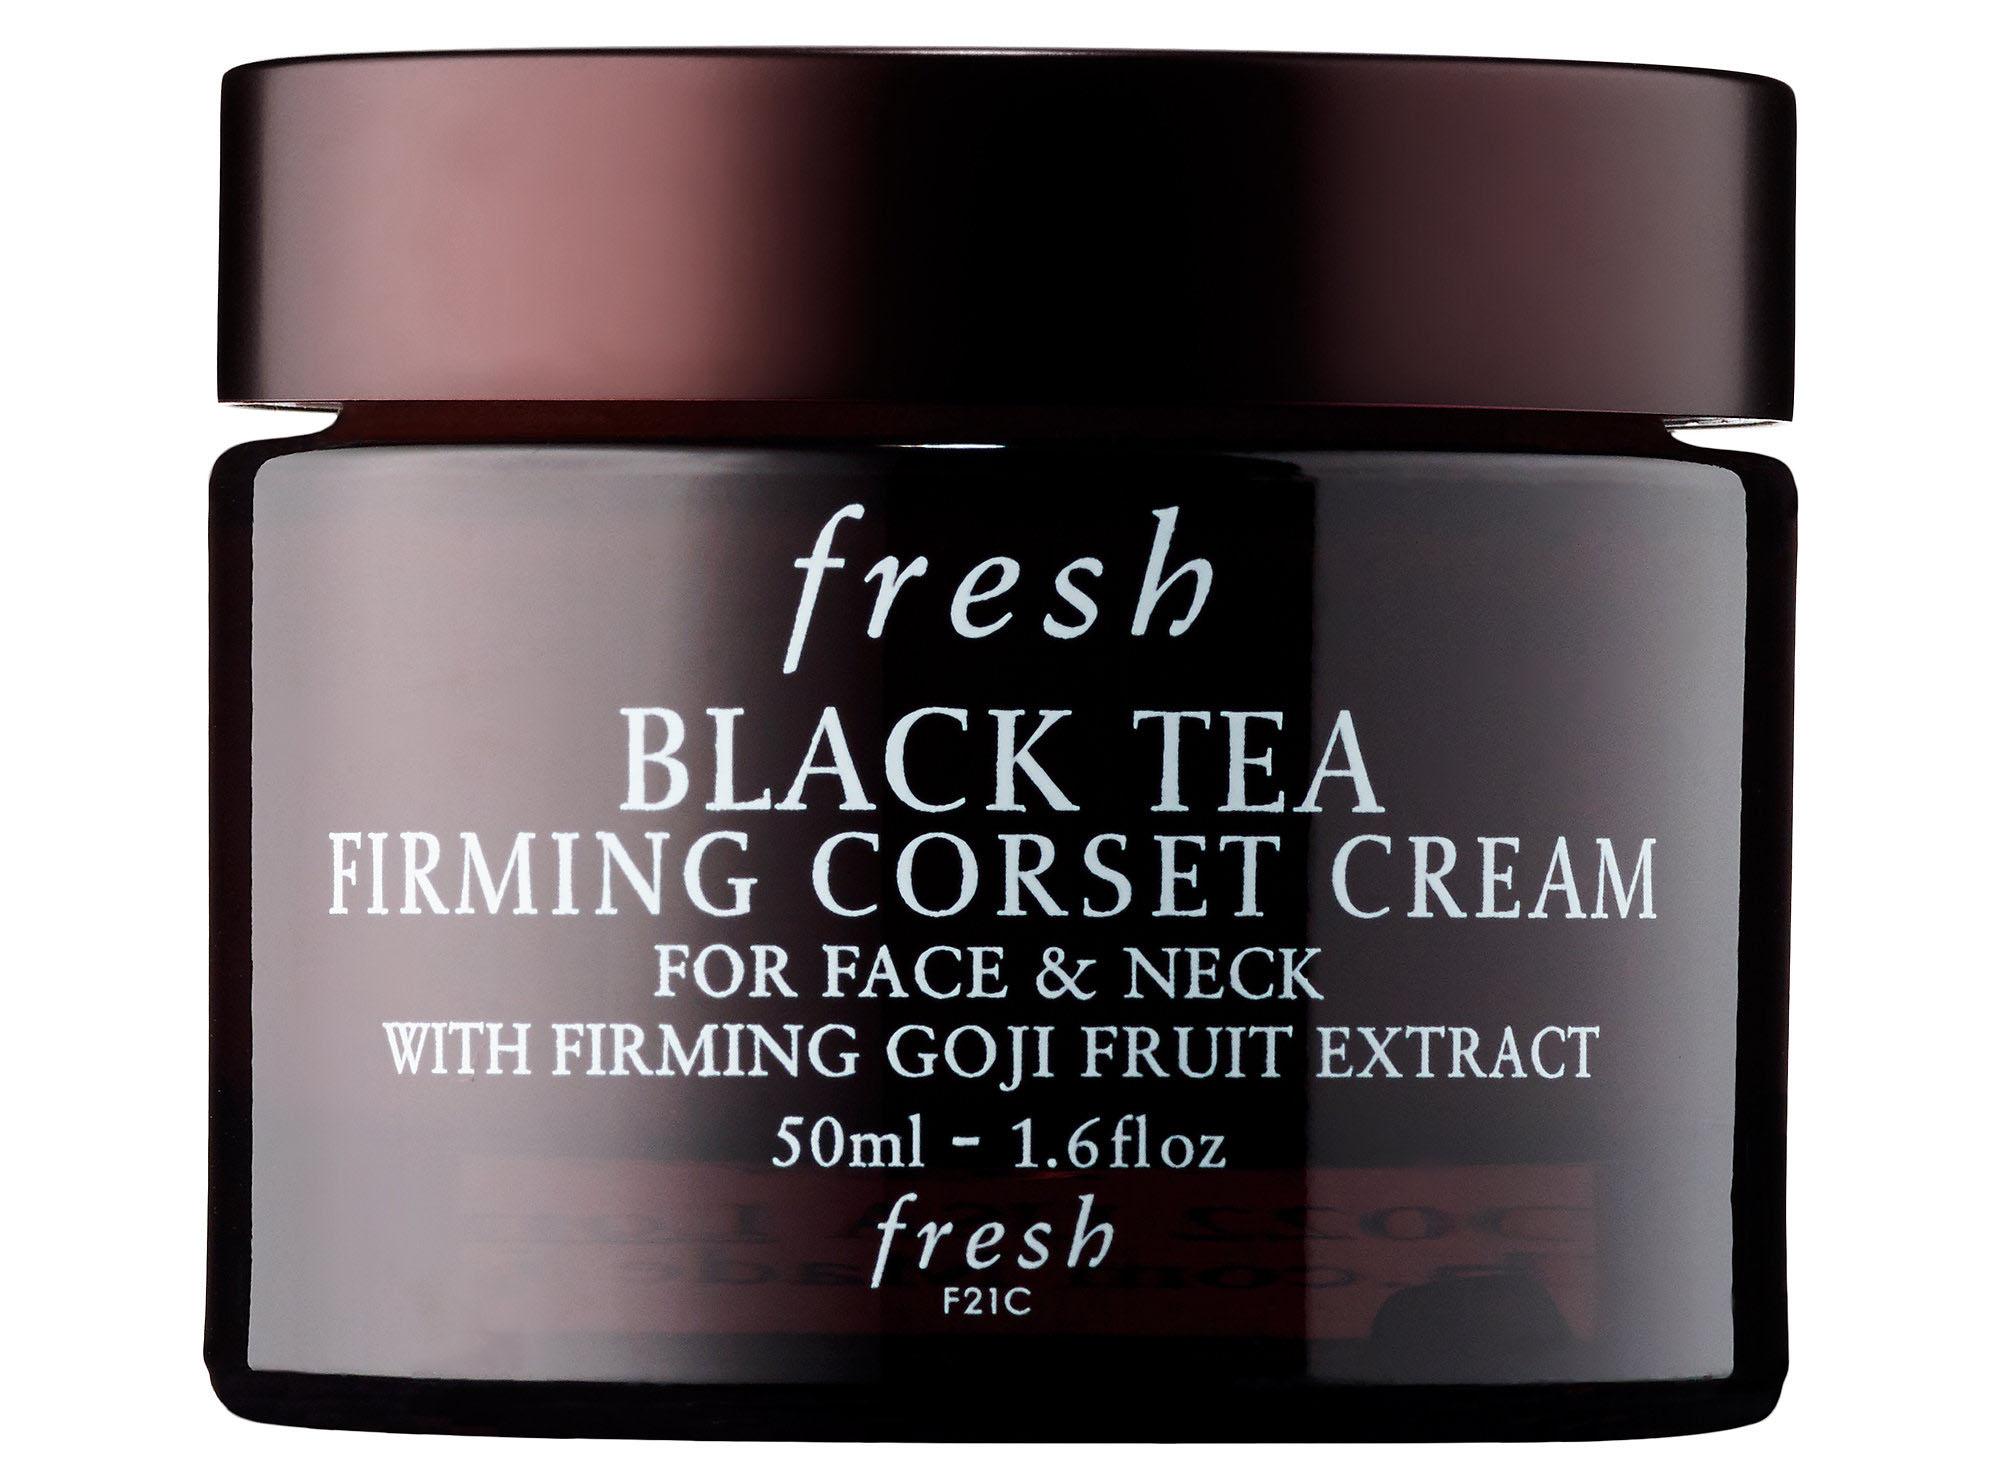 Fresh Black Tea Firming Corset Cream for Face & Neck